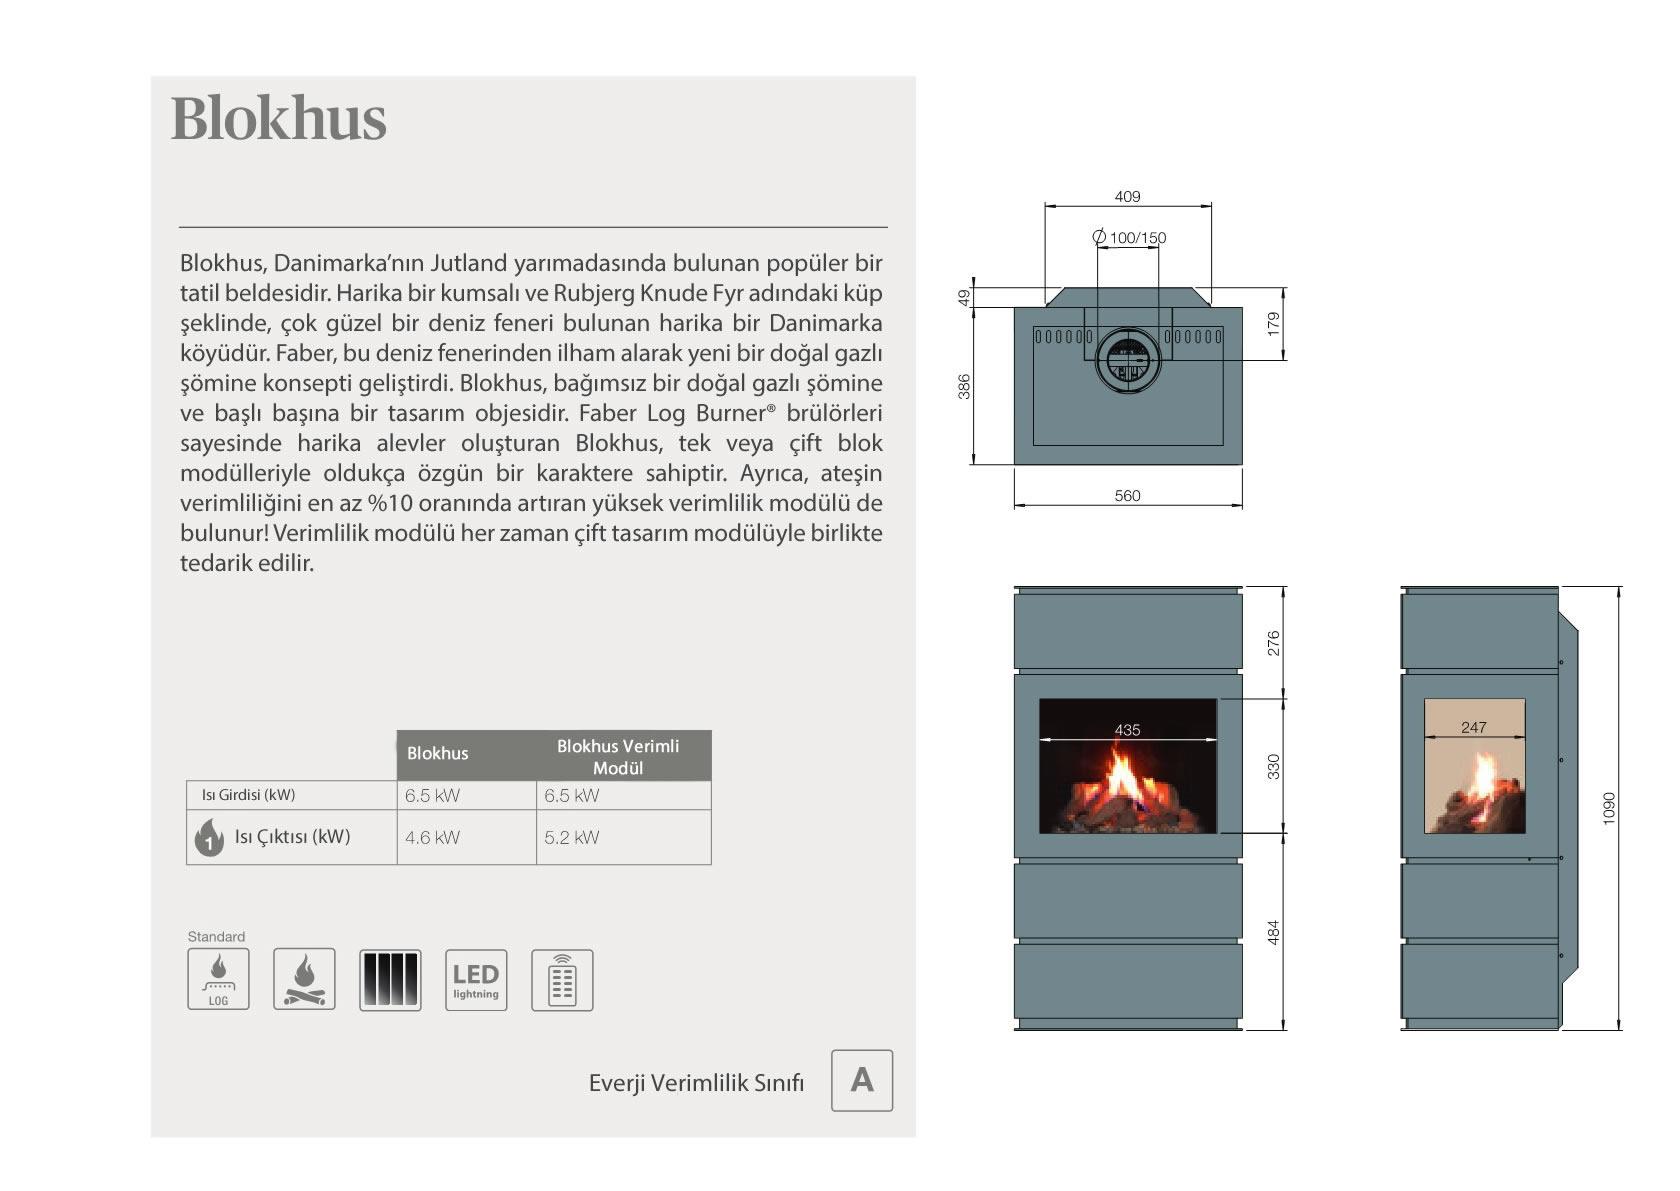 Faber Doğalgazlı Şömineler - Blokhus